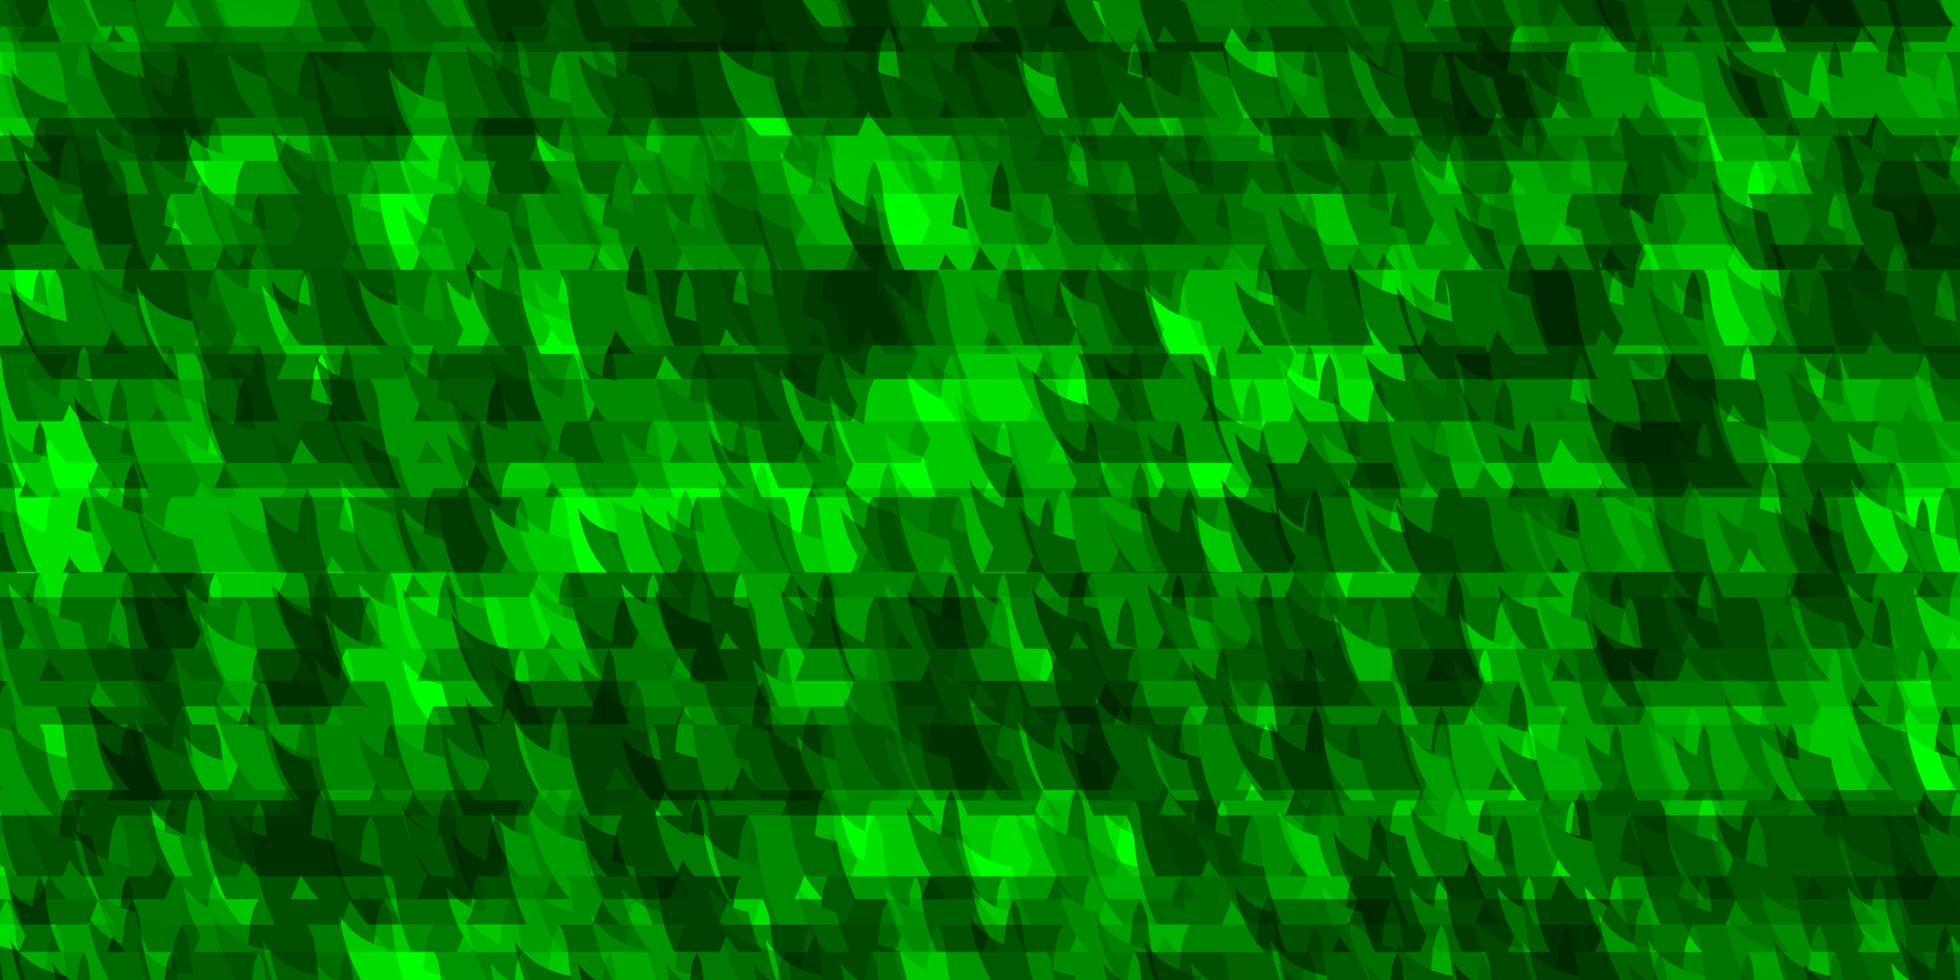 ljusgrön vektormall med linjer, trianglar. vektor